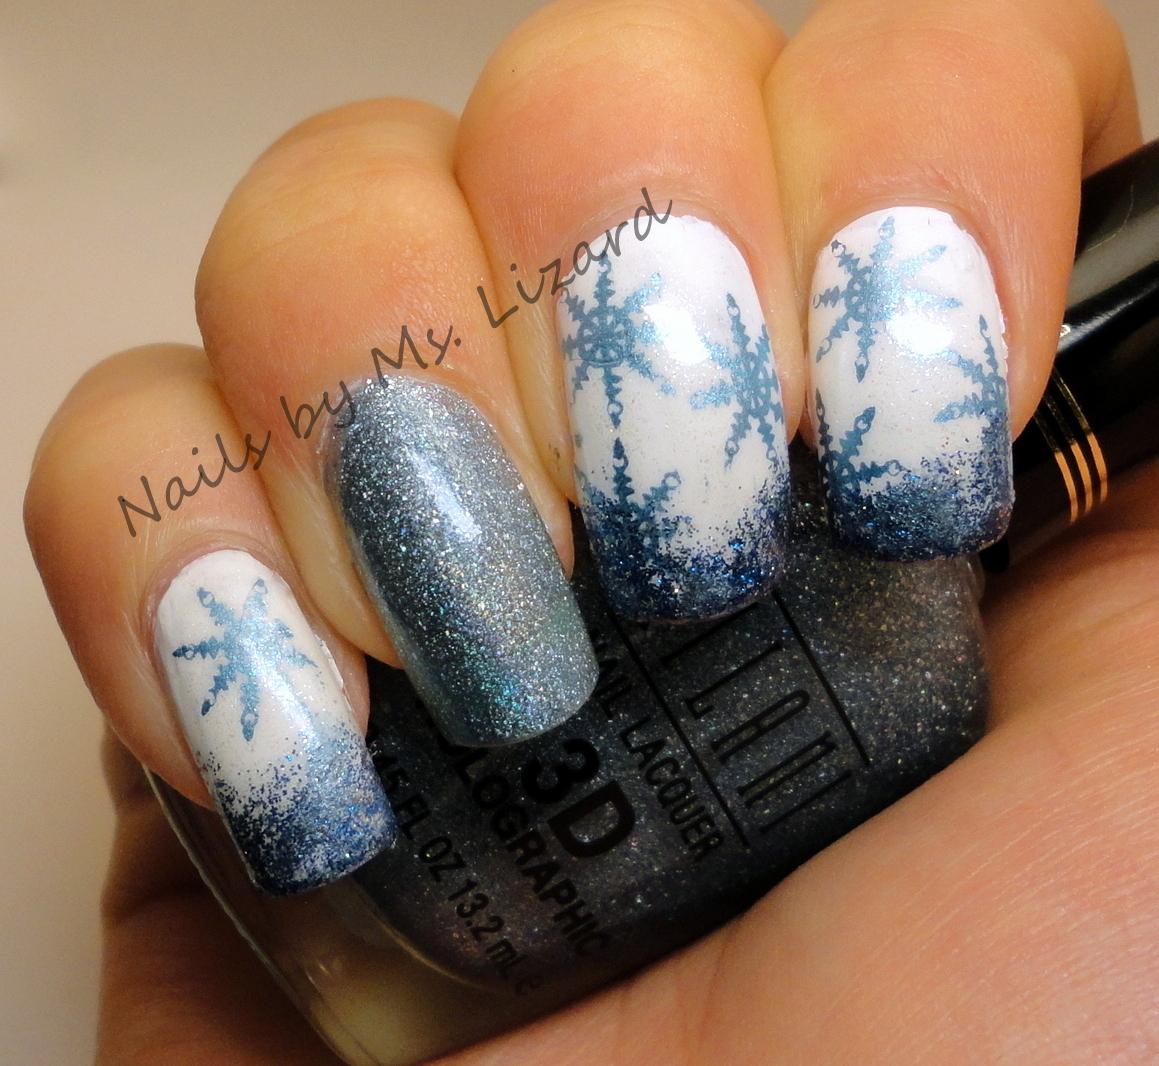 Nails by Ms. Lizard: Holiday Nail Art